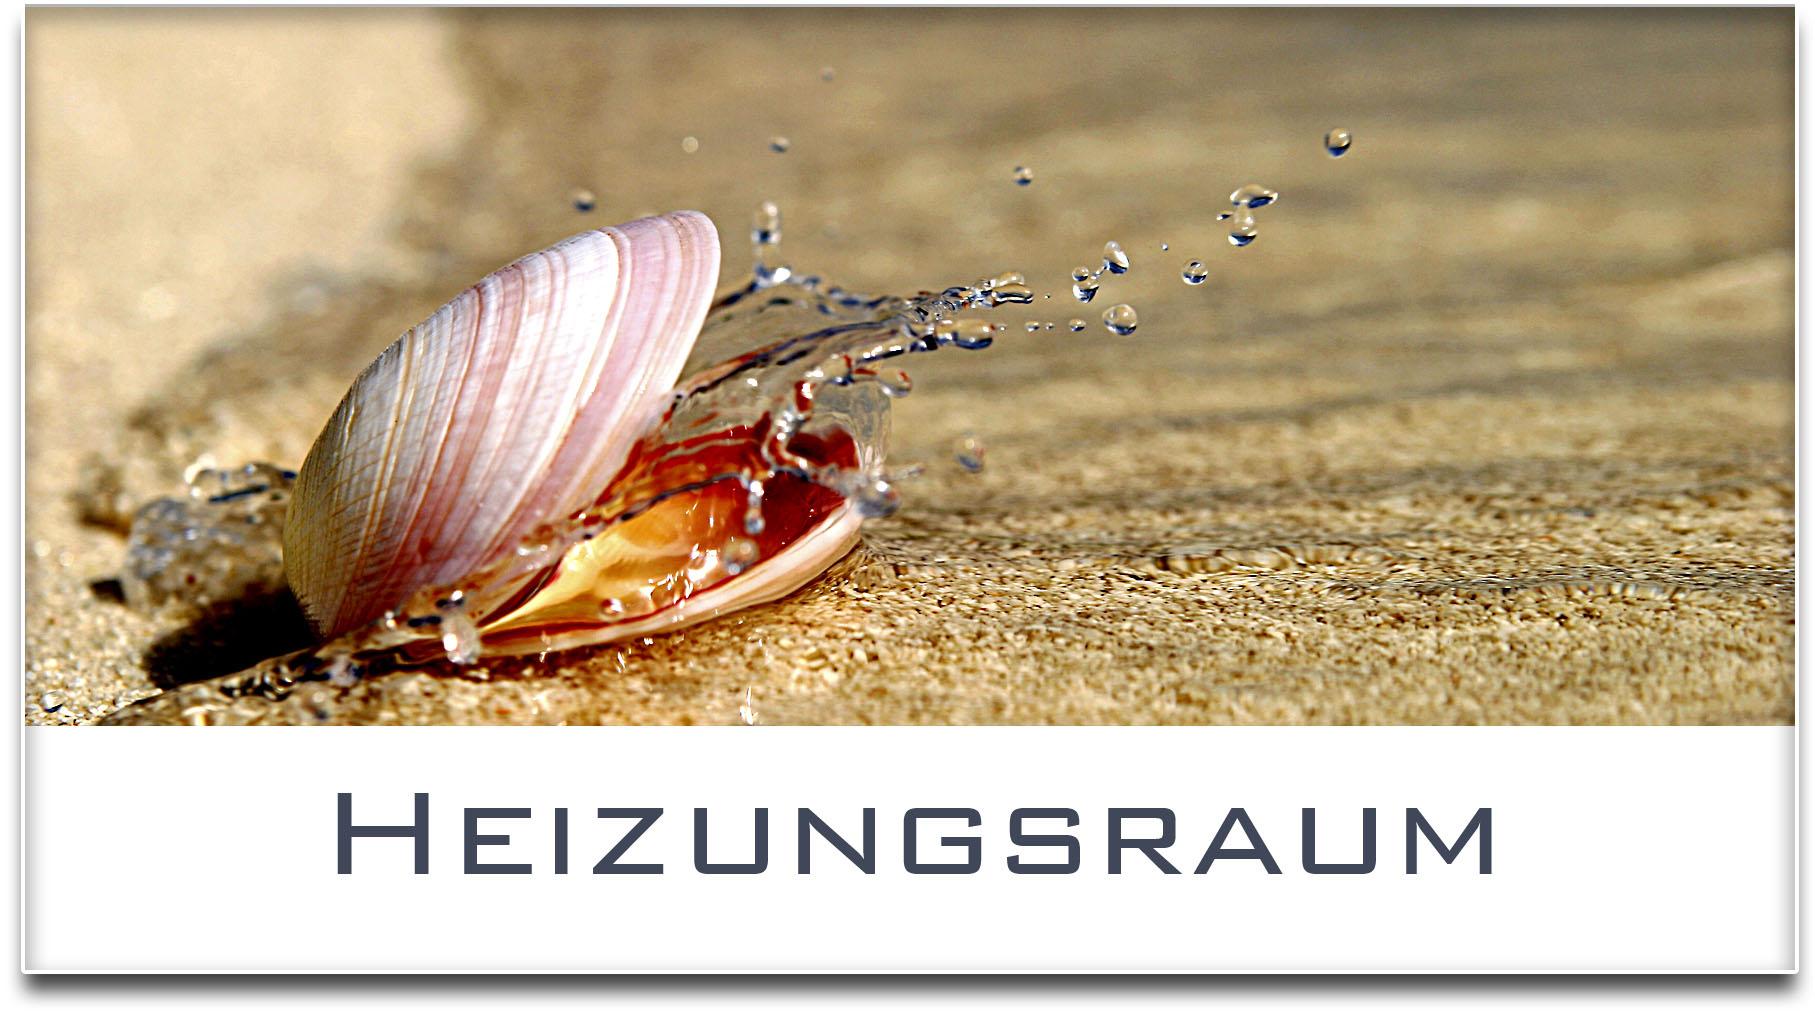 Türschild / Haustürschild / Muschel / Heizungsraum / Selbstklebend